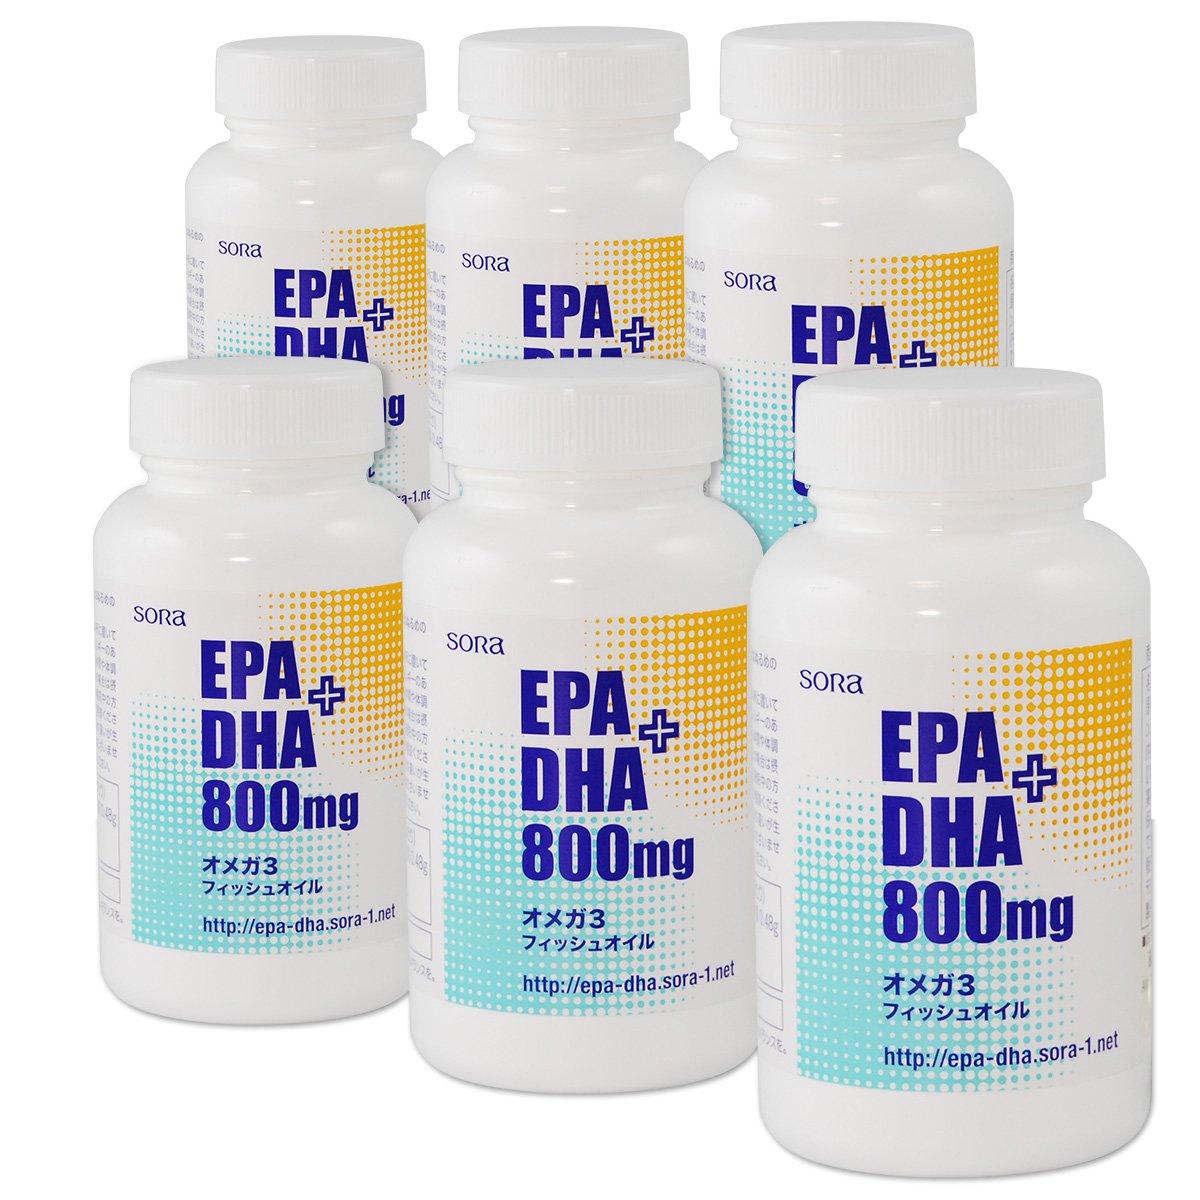 【6個セット10%OFF】そら EPA+DHA 800mg (魚のオイル オメガ3 120粒入 x 6個) B01L6BPC04